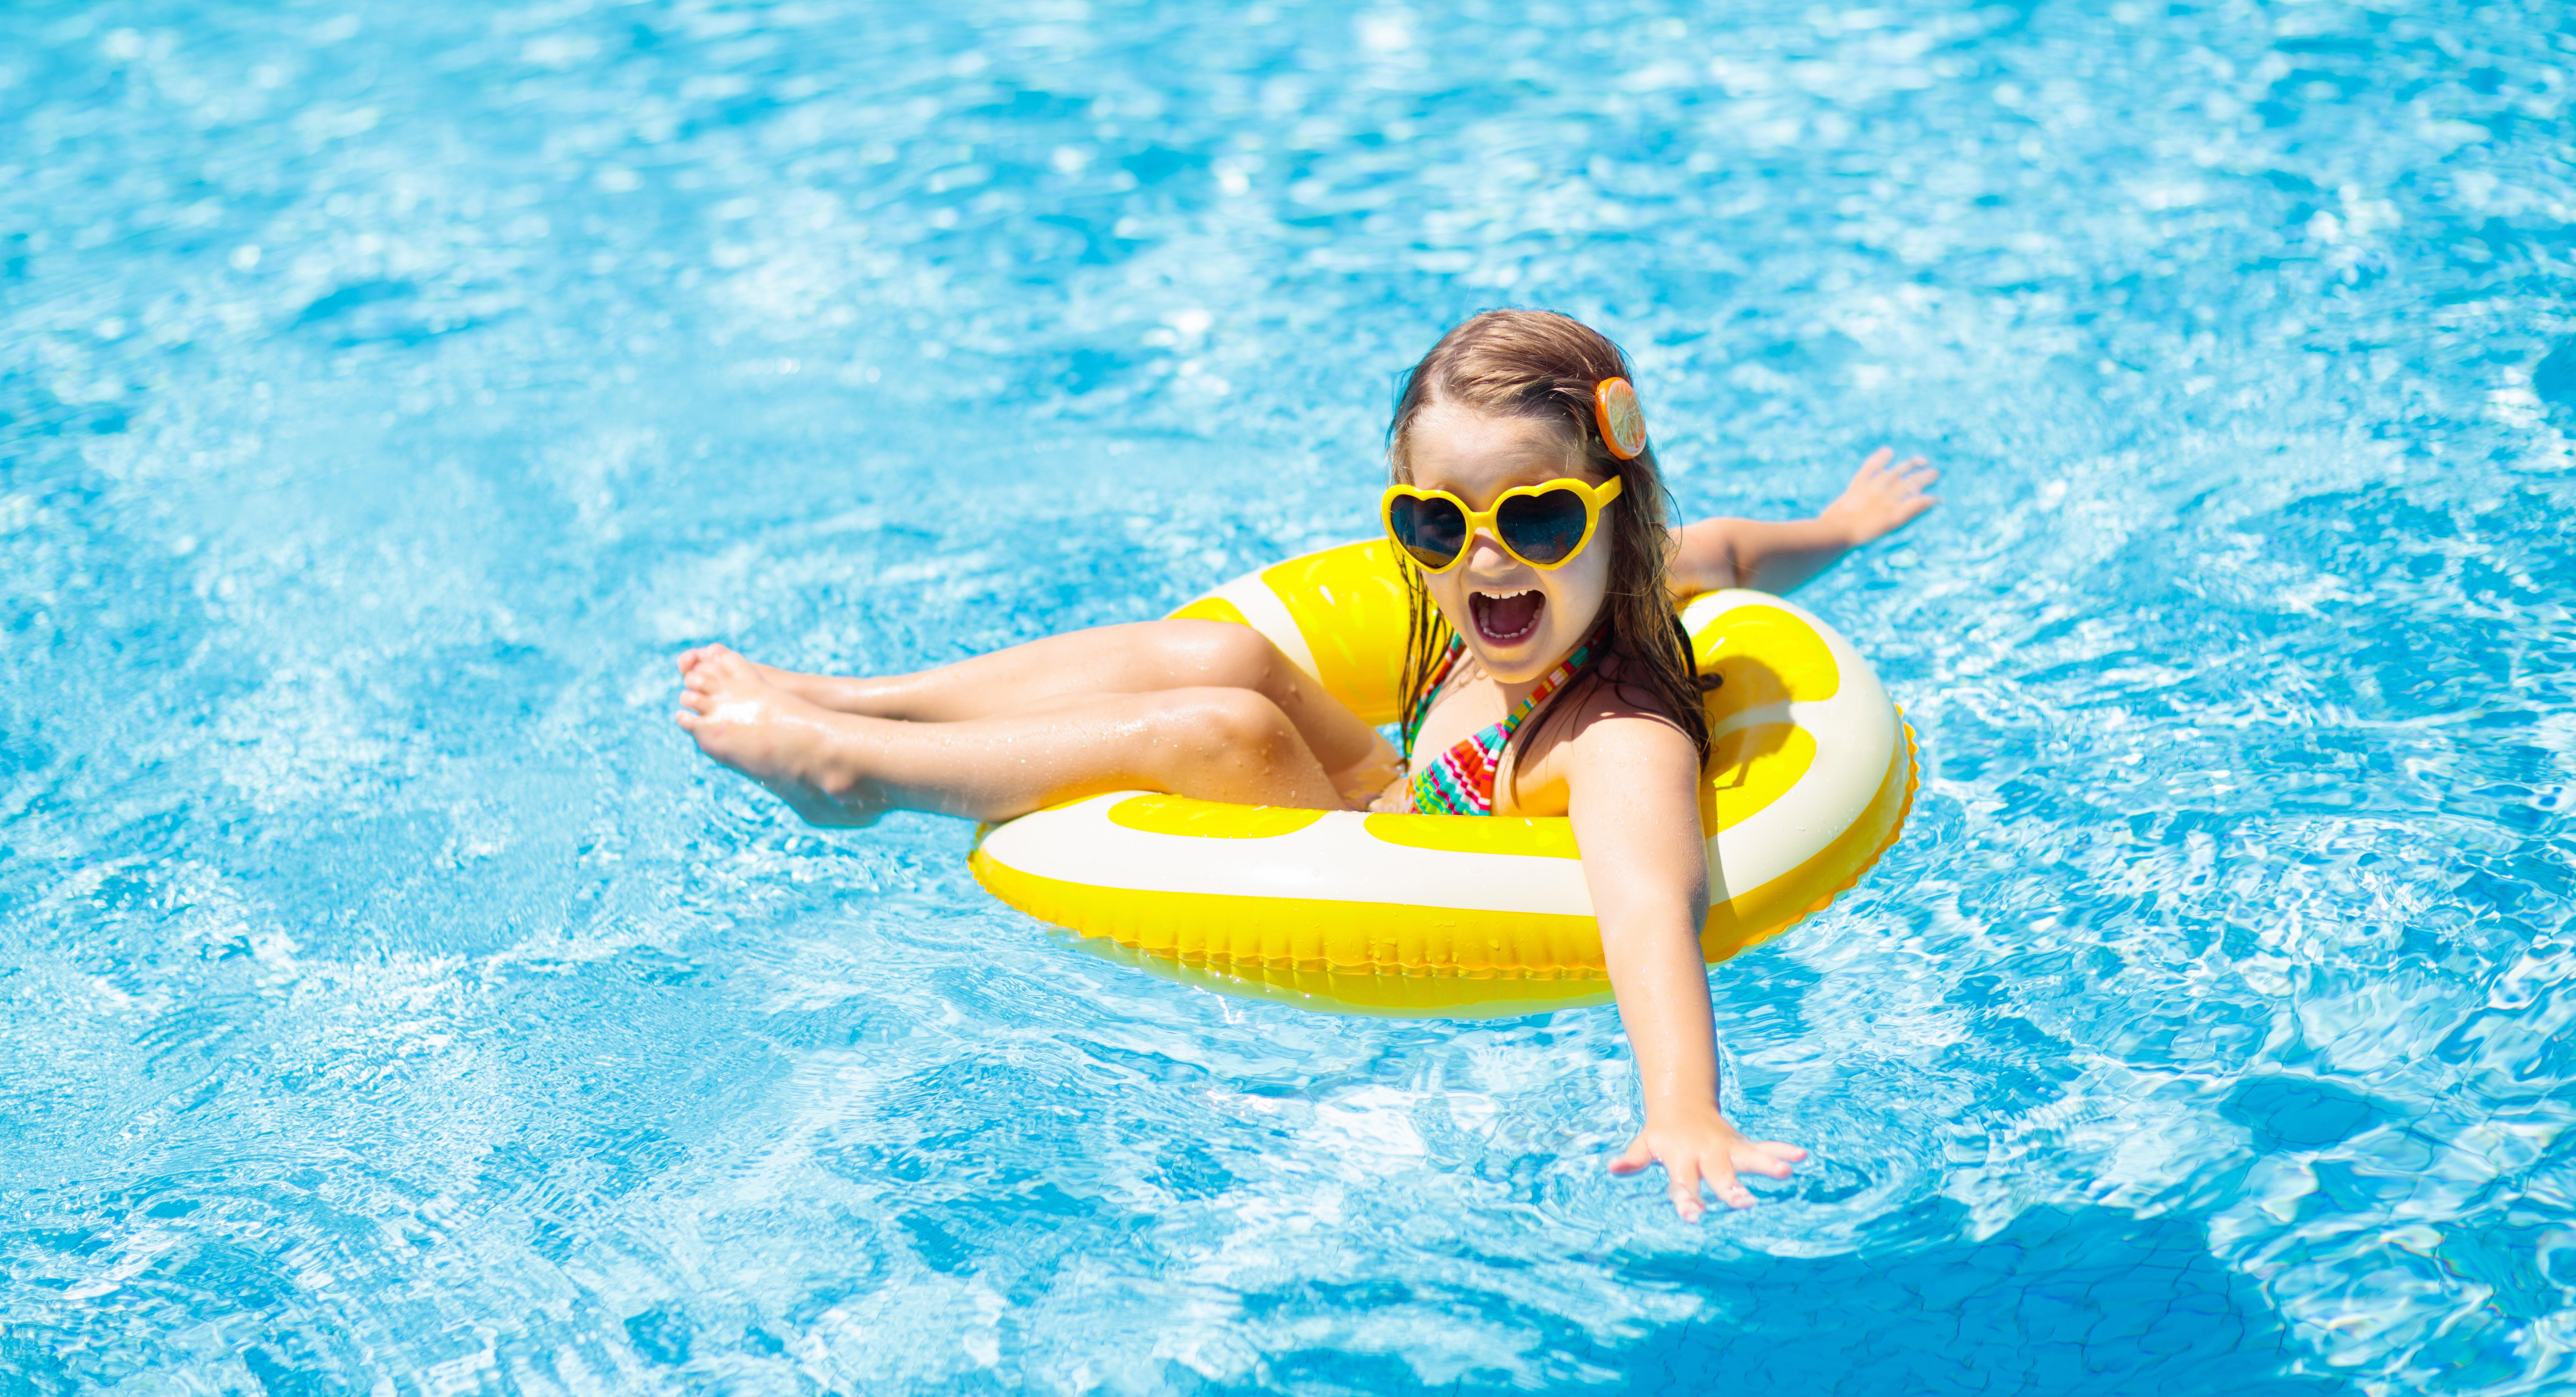 Barn i simbassäng på ringleksak. Barn simmar.